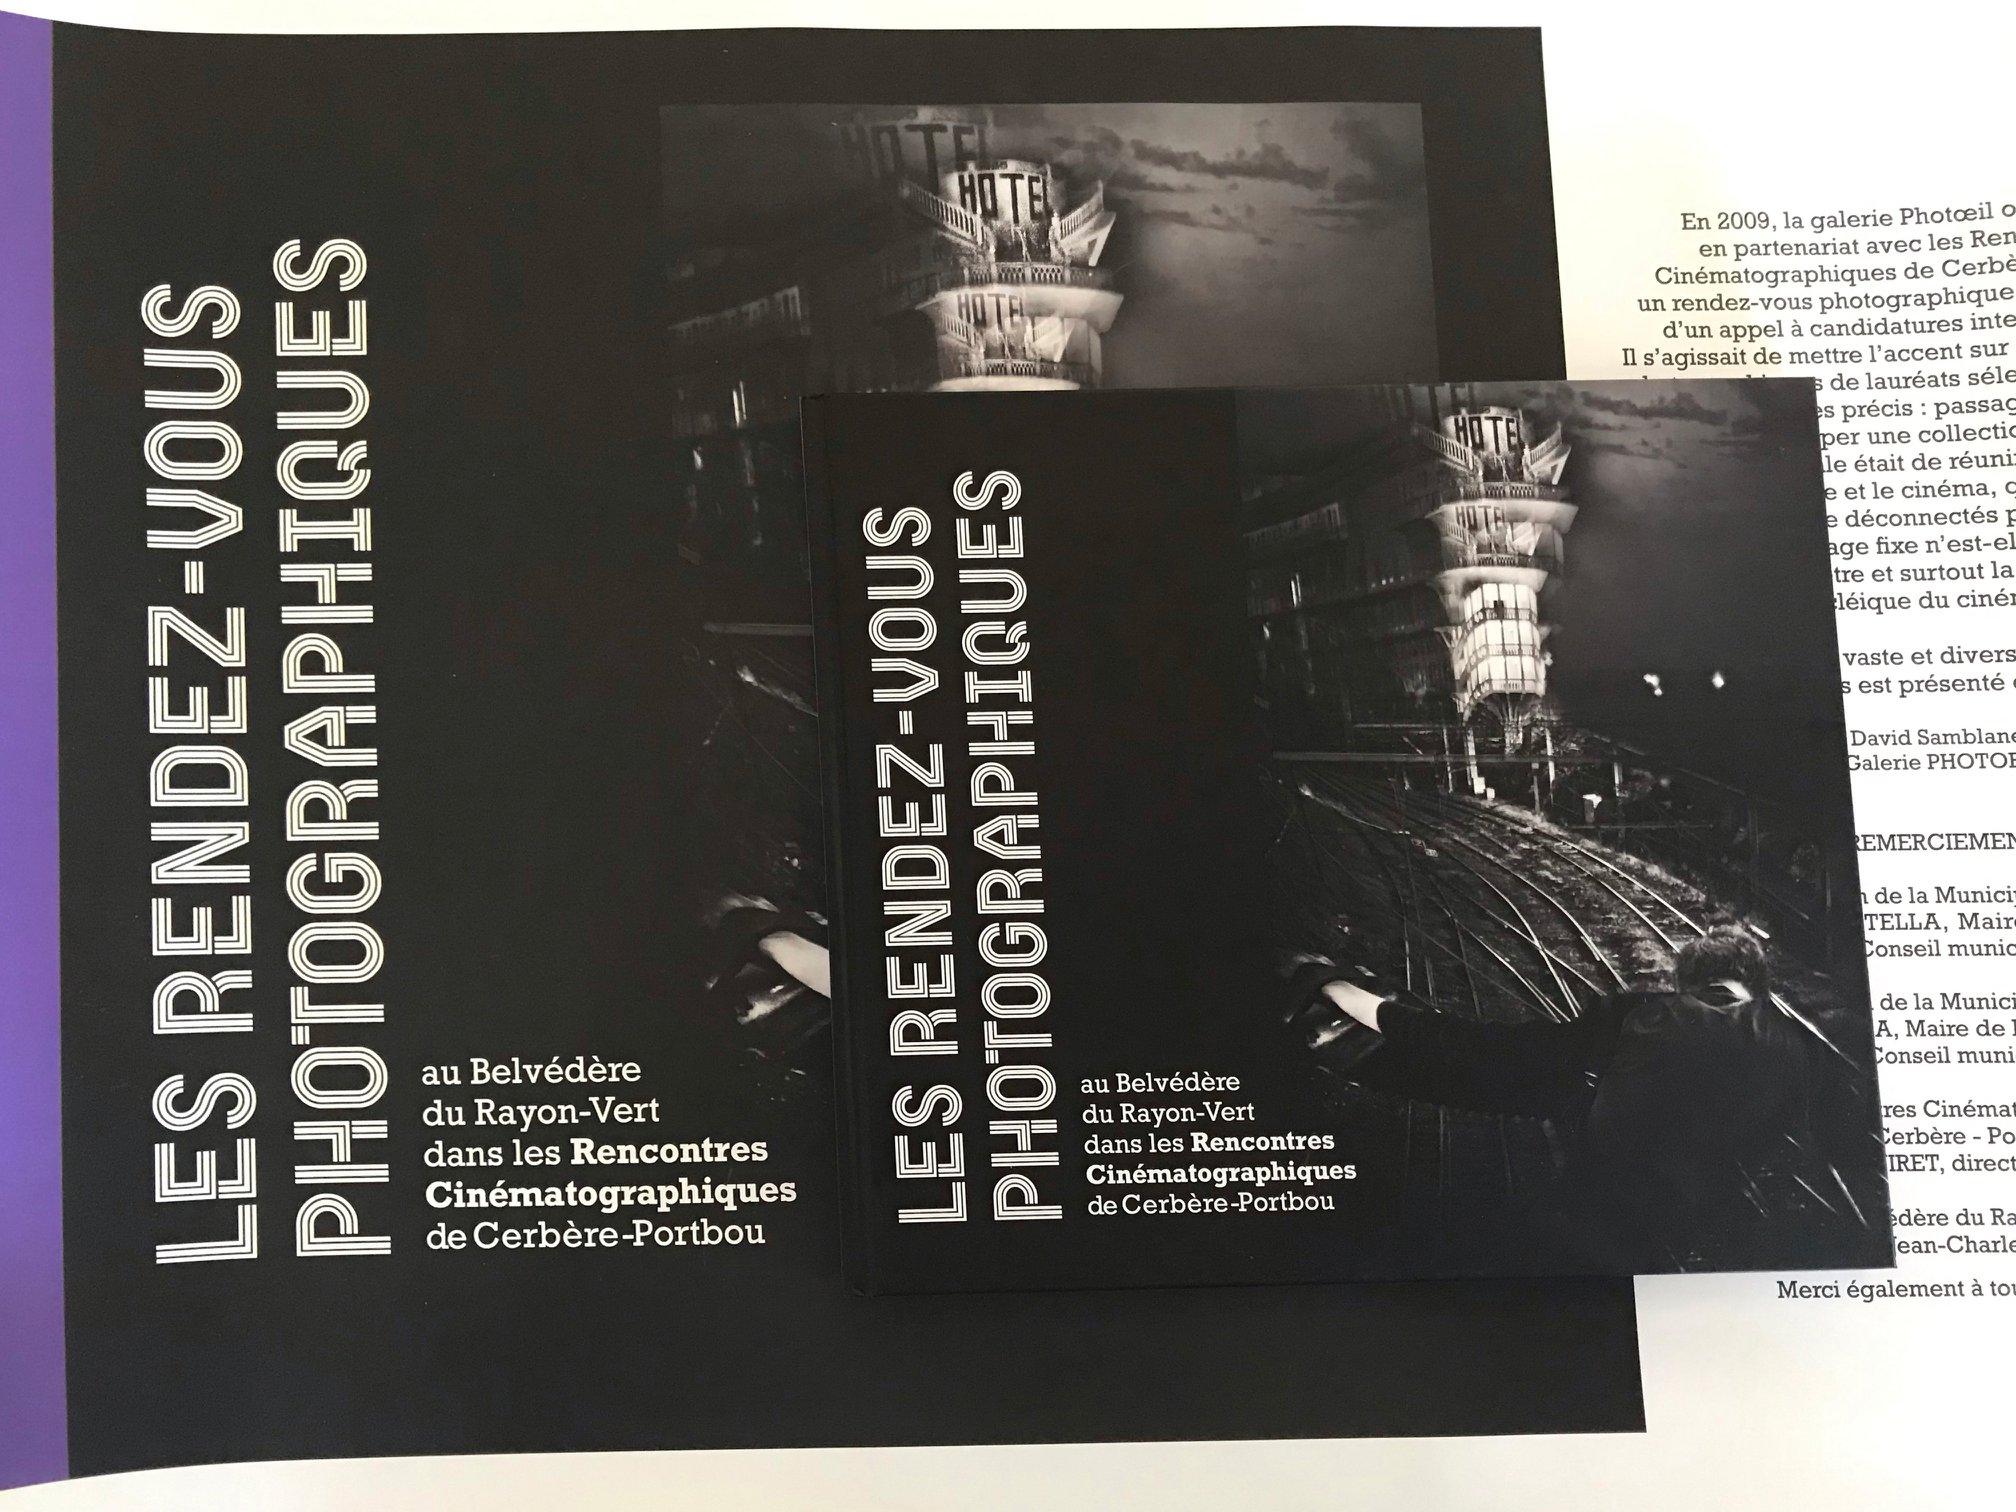 Véronique L'hoste, publication CYCLE, les Rencontres Cinématographiques de Cerbère-Portbou, 10/2019